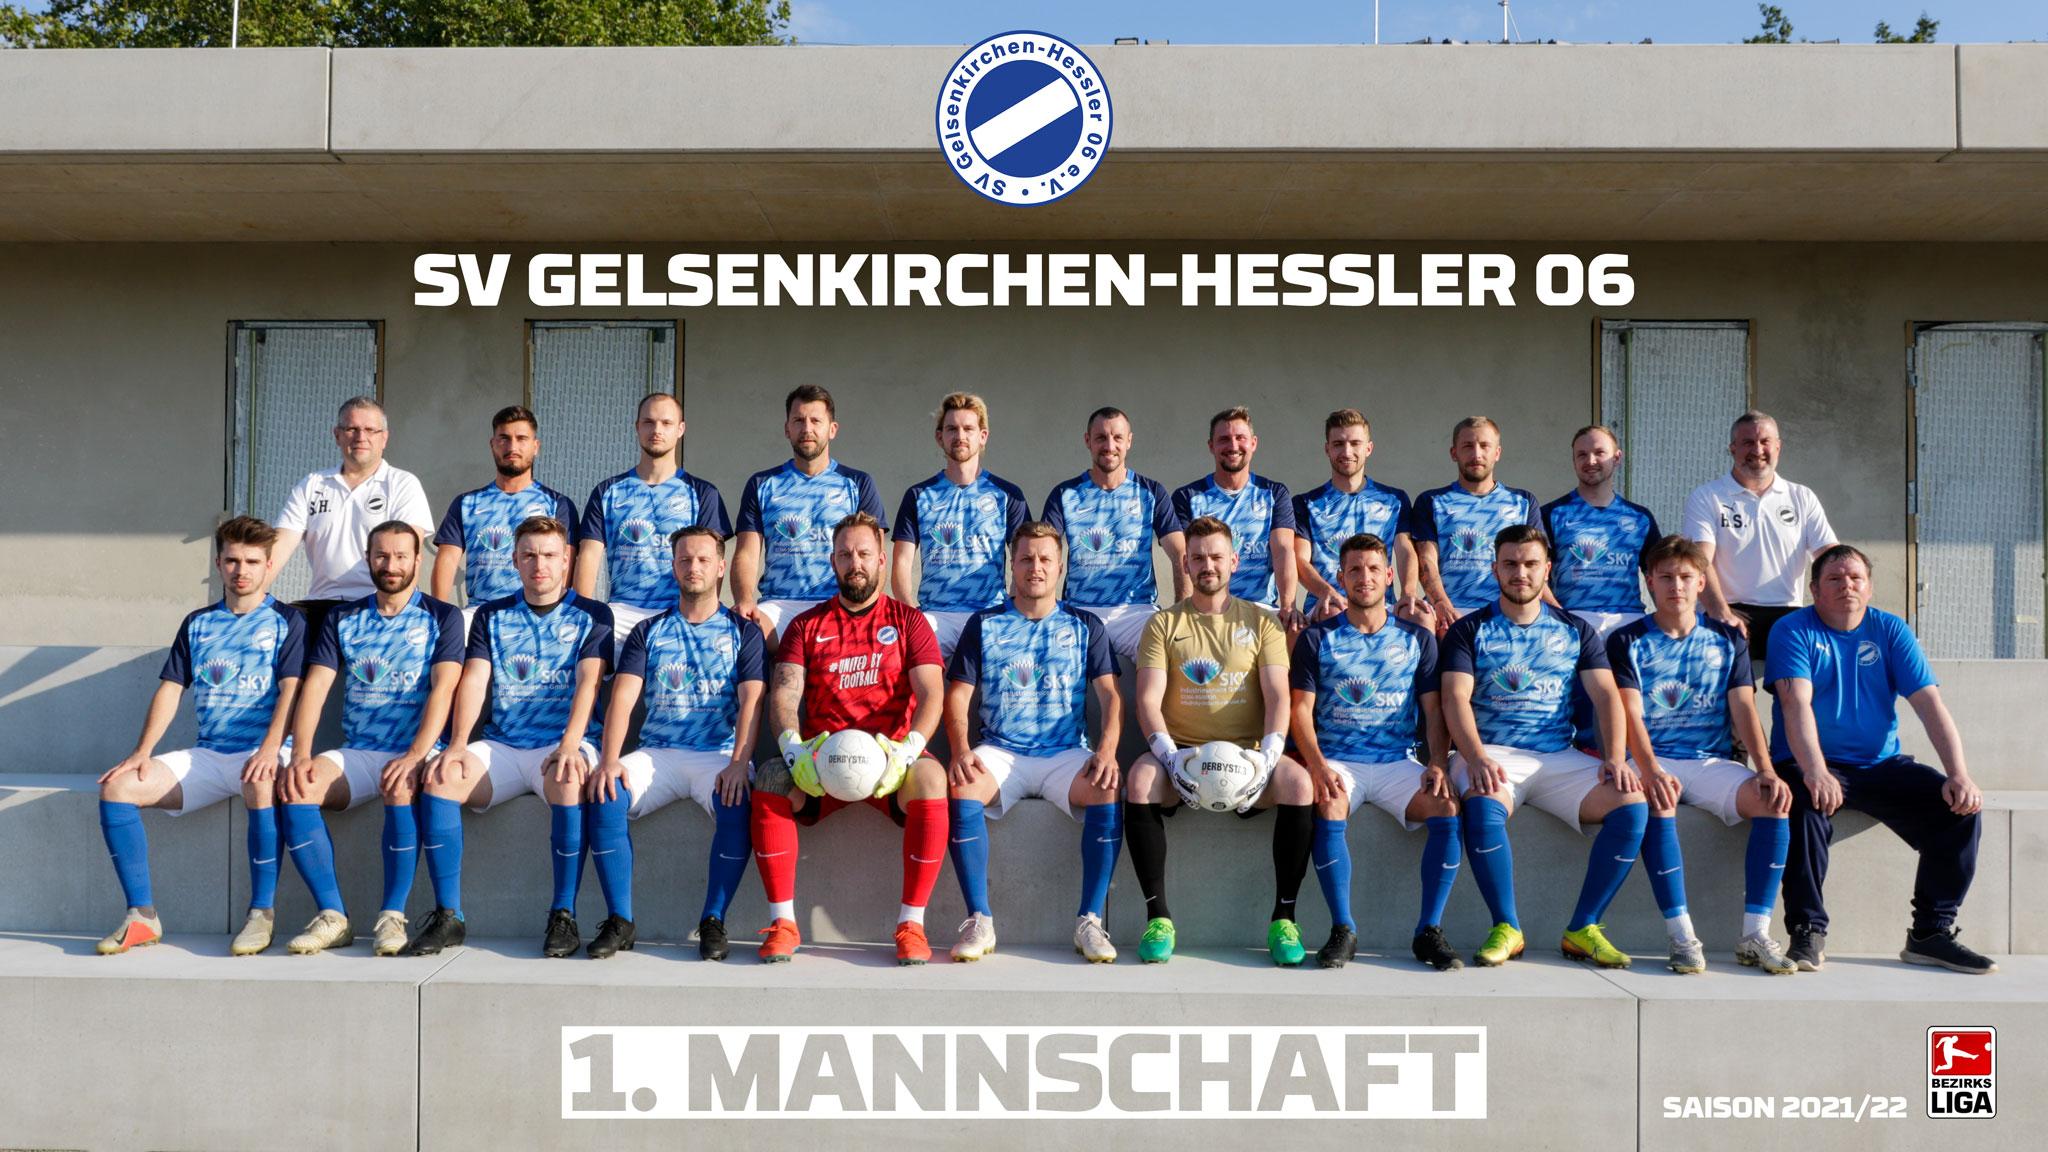 Erste-Mannschaft-Teamfoto-2021-22